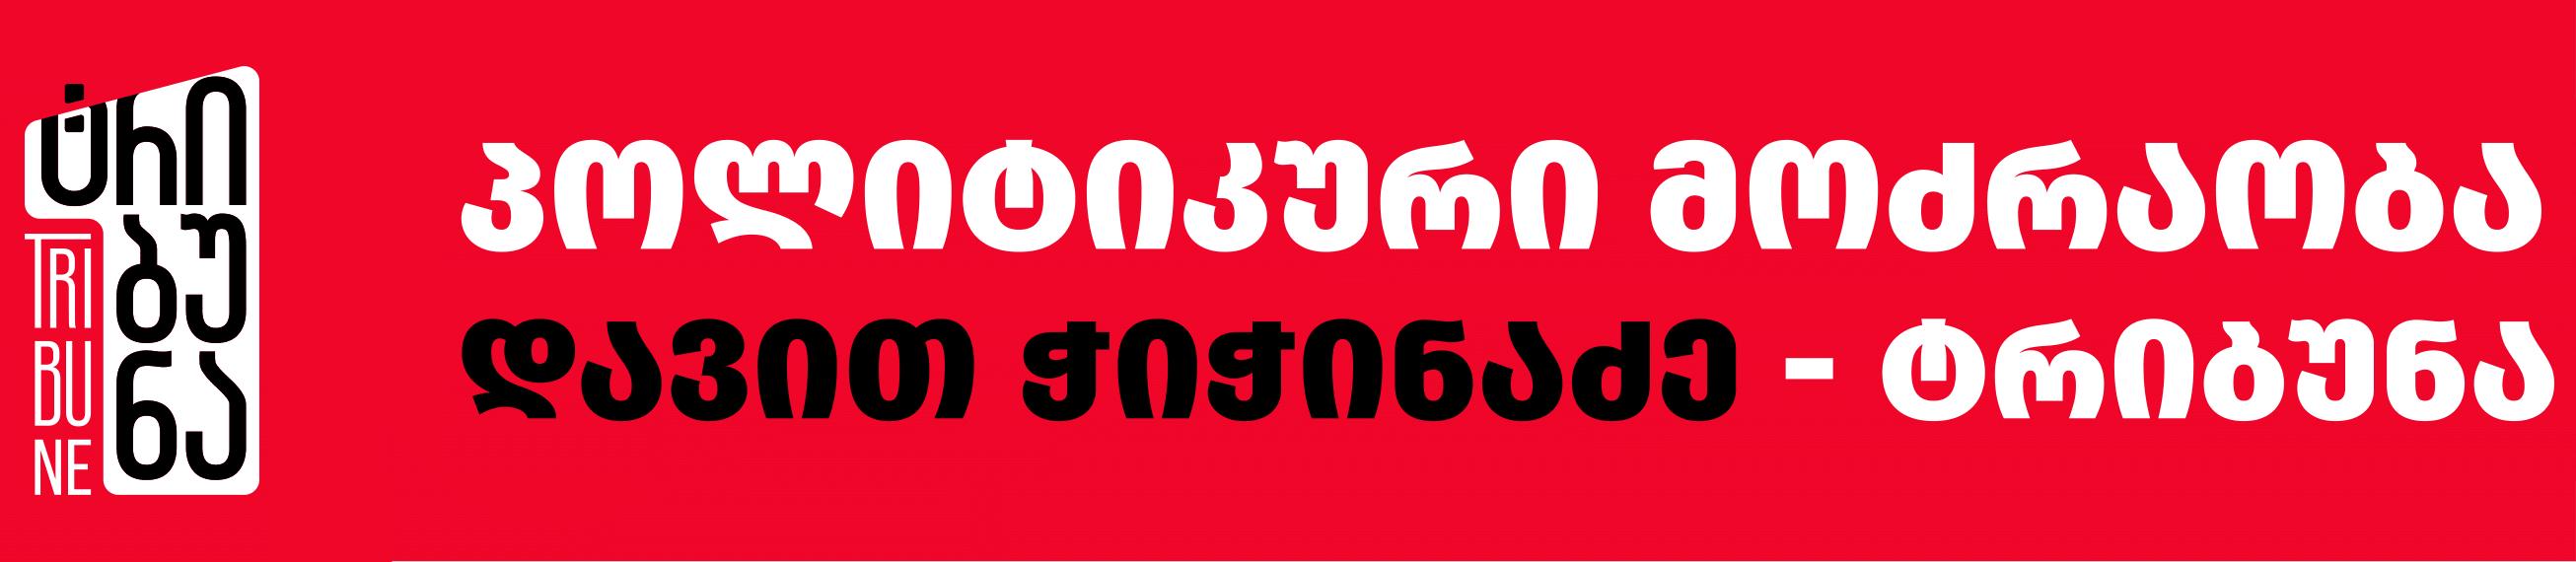 ტრიბუნა დავით ჭიჭინაძე - პოლიტიკური მოძრაობა | Tribuna.ge